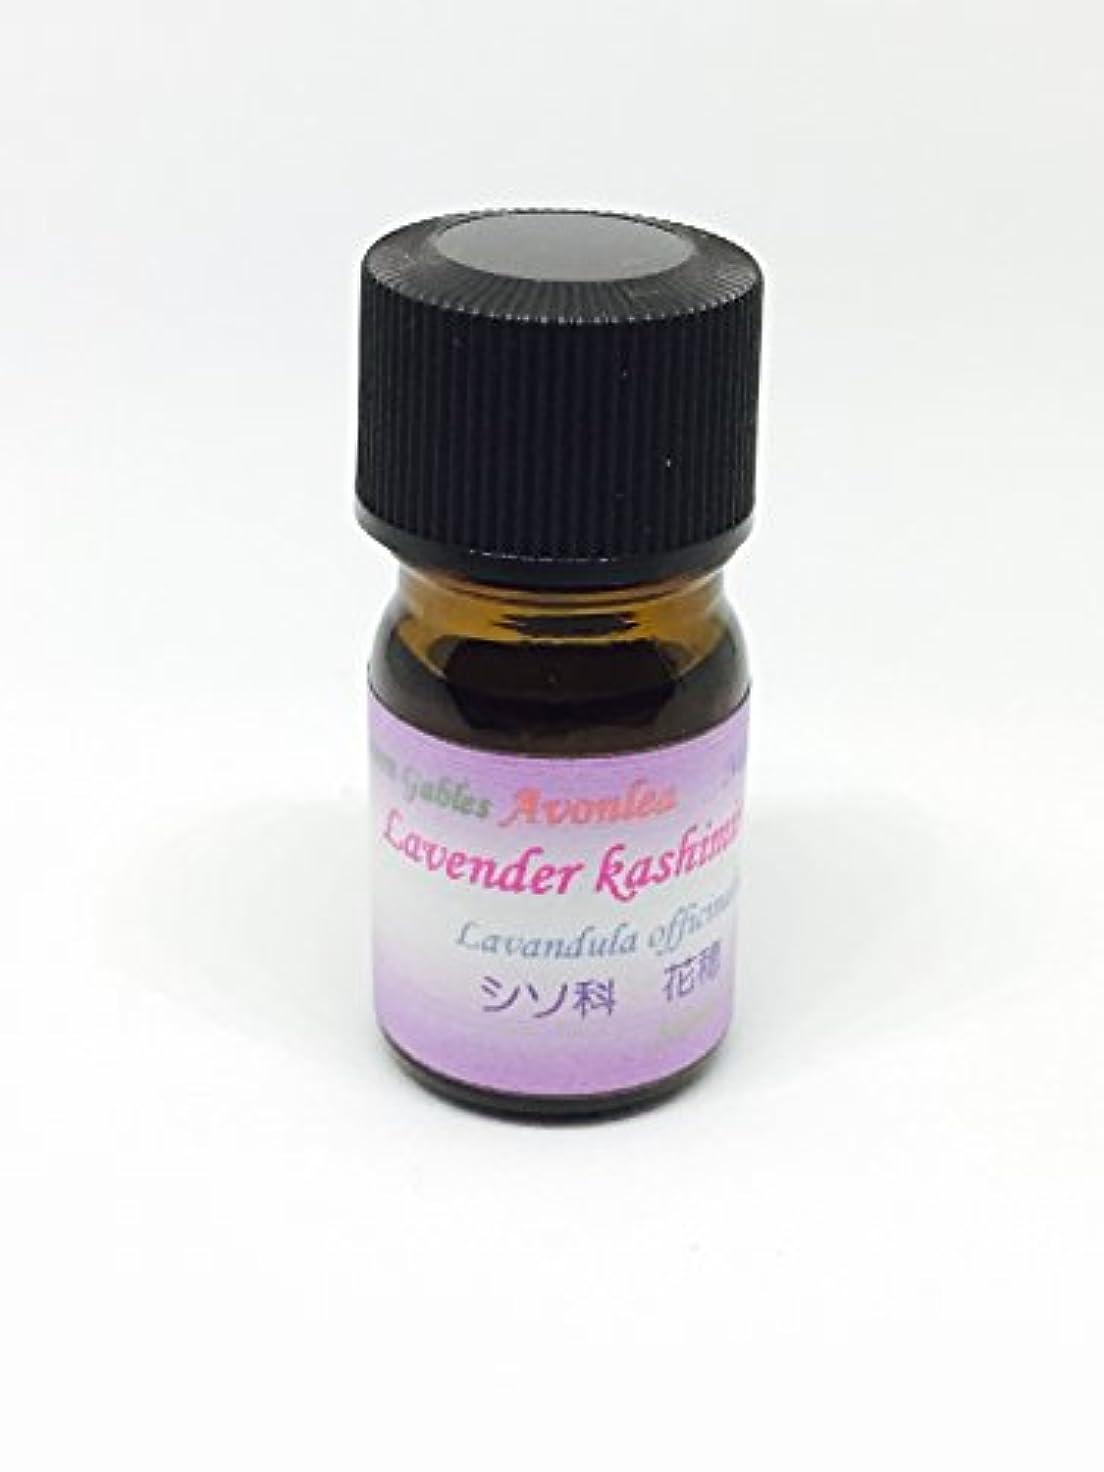 付与メルボルン交渉する高原植物ラベンダー カシミール GⅡ 10ml 100%ピュアエッセンシャルオイル